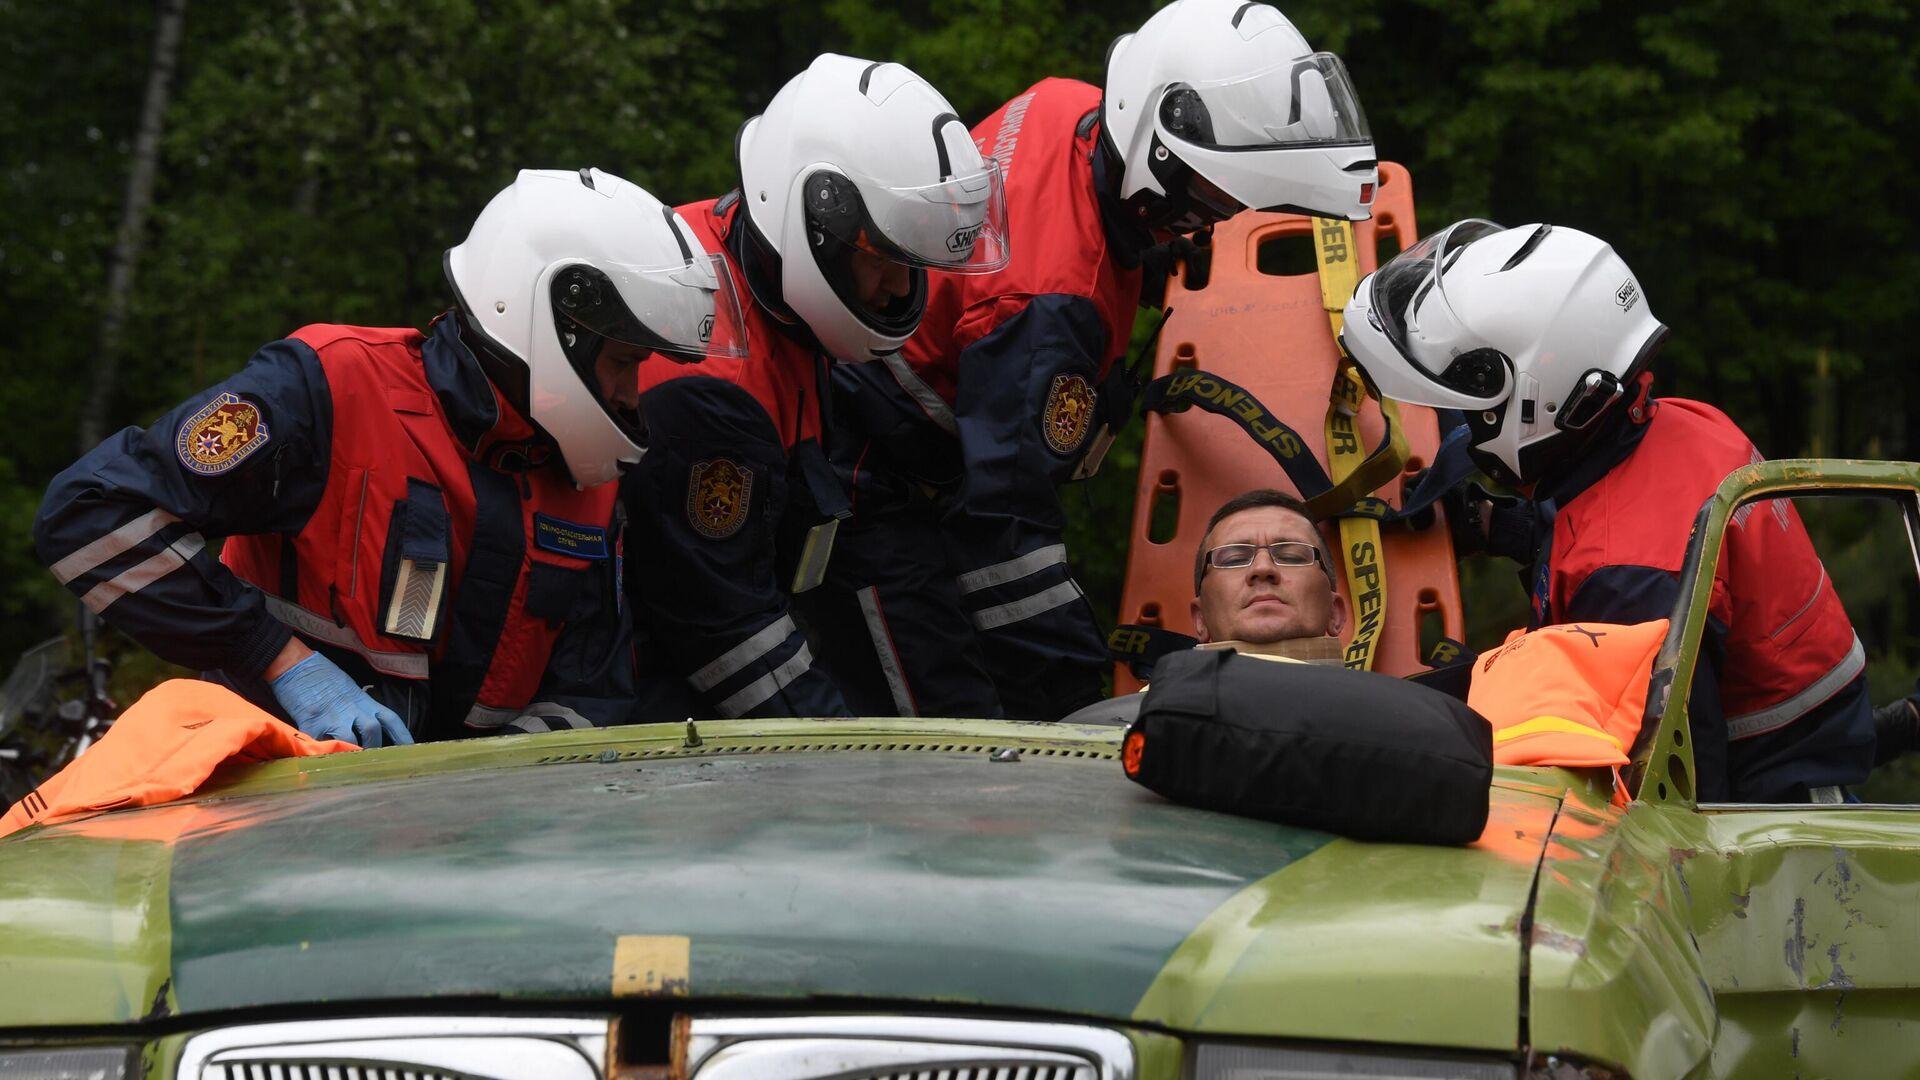 Спасатели мотогруппы достают из поврежденной машины условно пострадавшего во время учений - РИА Новости, 1920, 15.04.2020